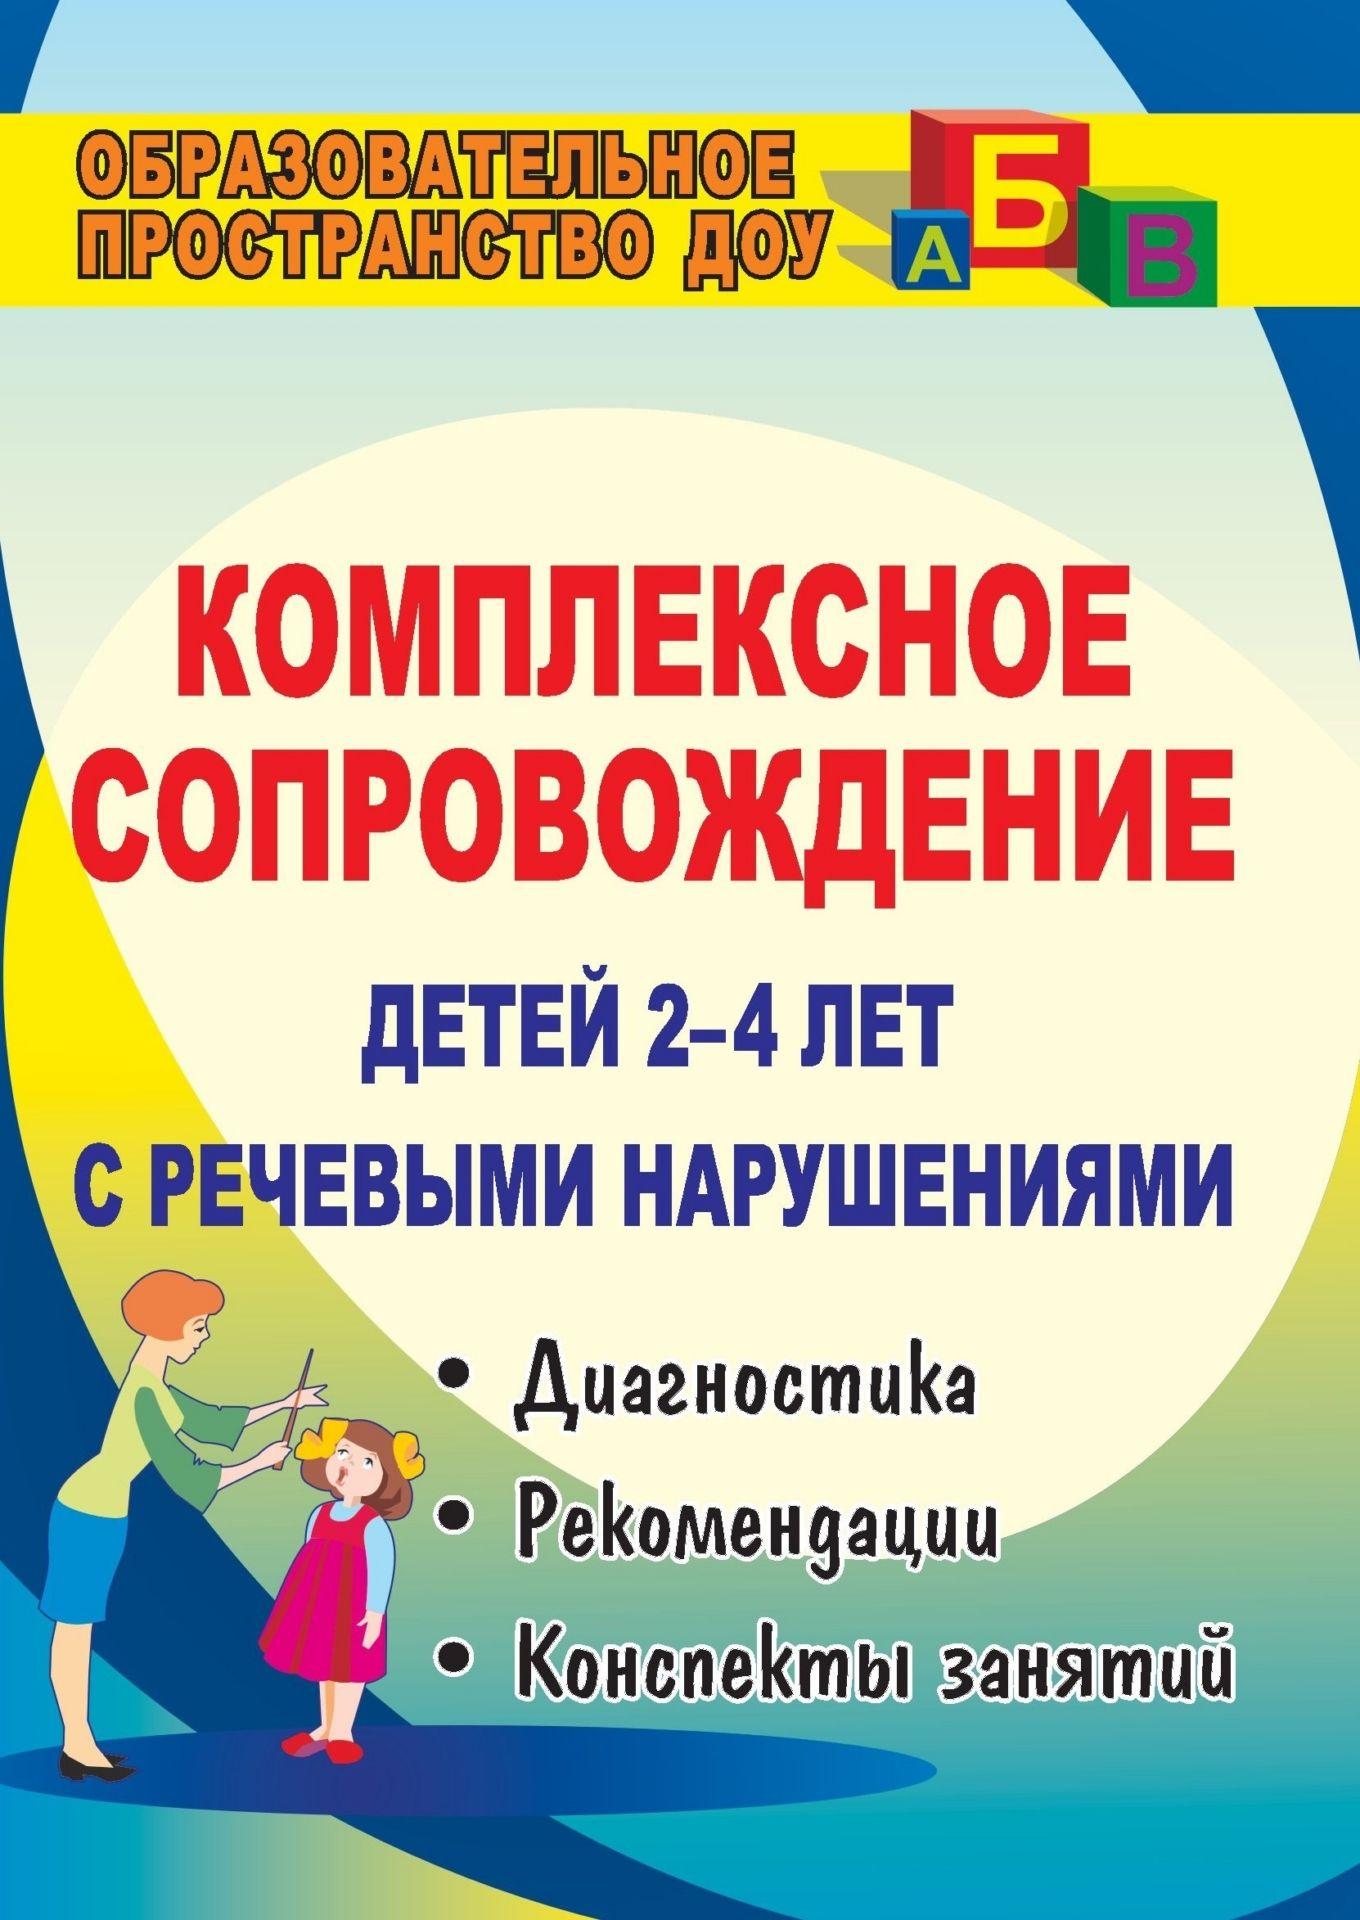 Комплексное сопровождение детей 2-4 лет с речевыми нарушениями: диагностика, планирование, рекомендации, конспекты занятий, лингвистический материал